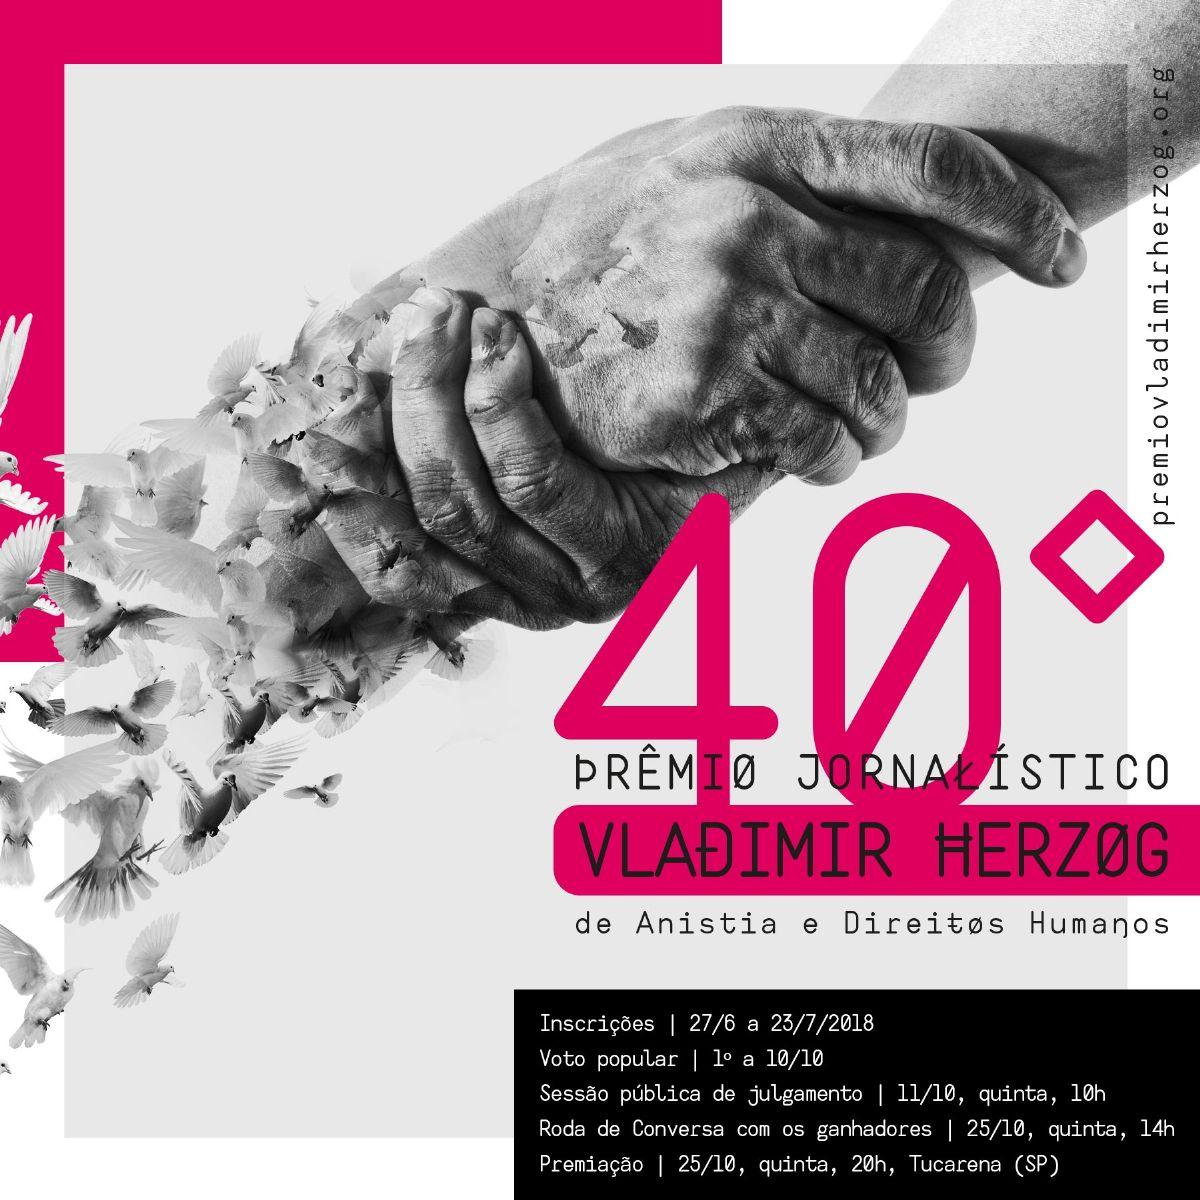 Foto: Prêmio Vladimir Herzog anuncia finalistas de sua 40ª edição